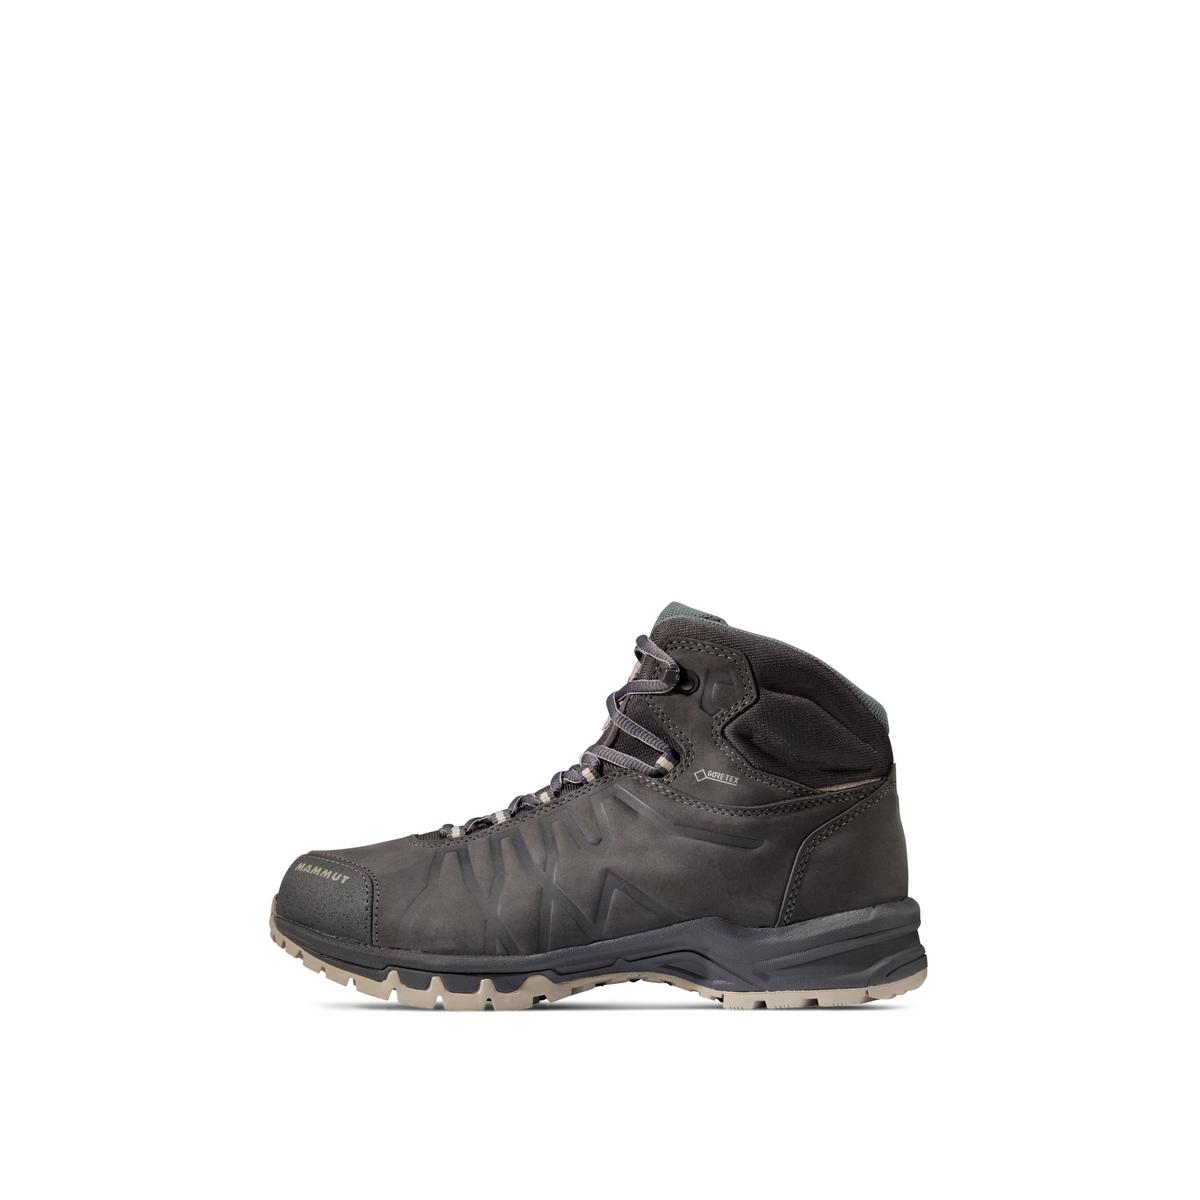 mammut mercury iii gtx low men's hiking shoe